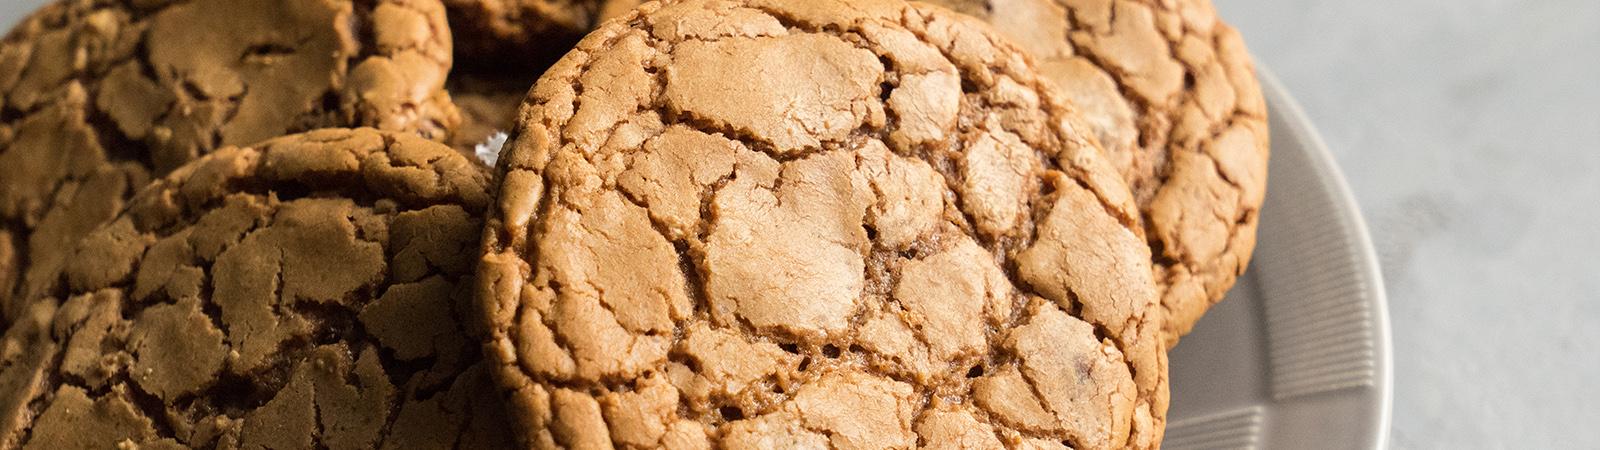 Идеальное печенье с молочным шоколадом